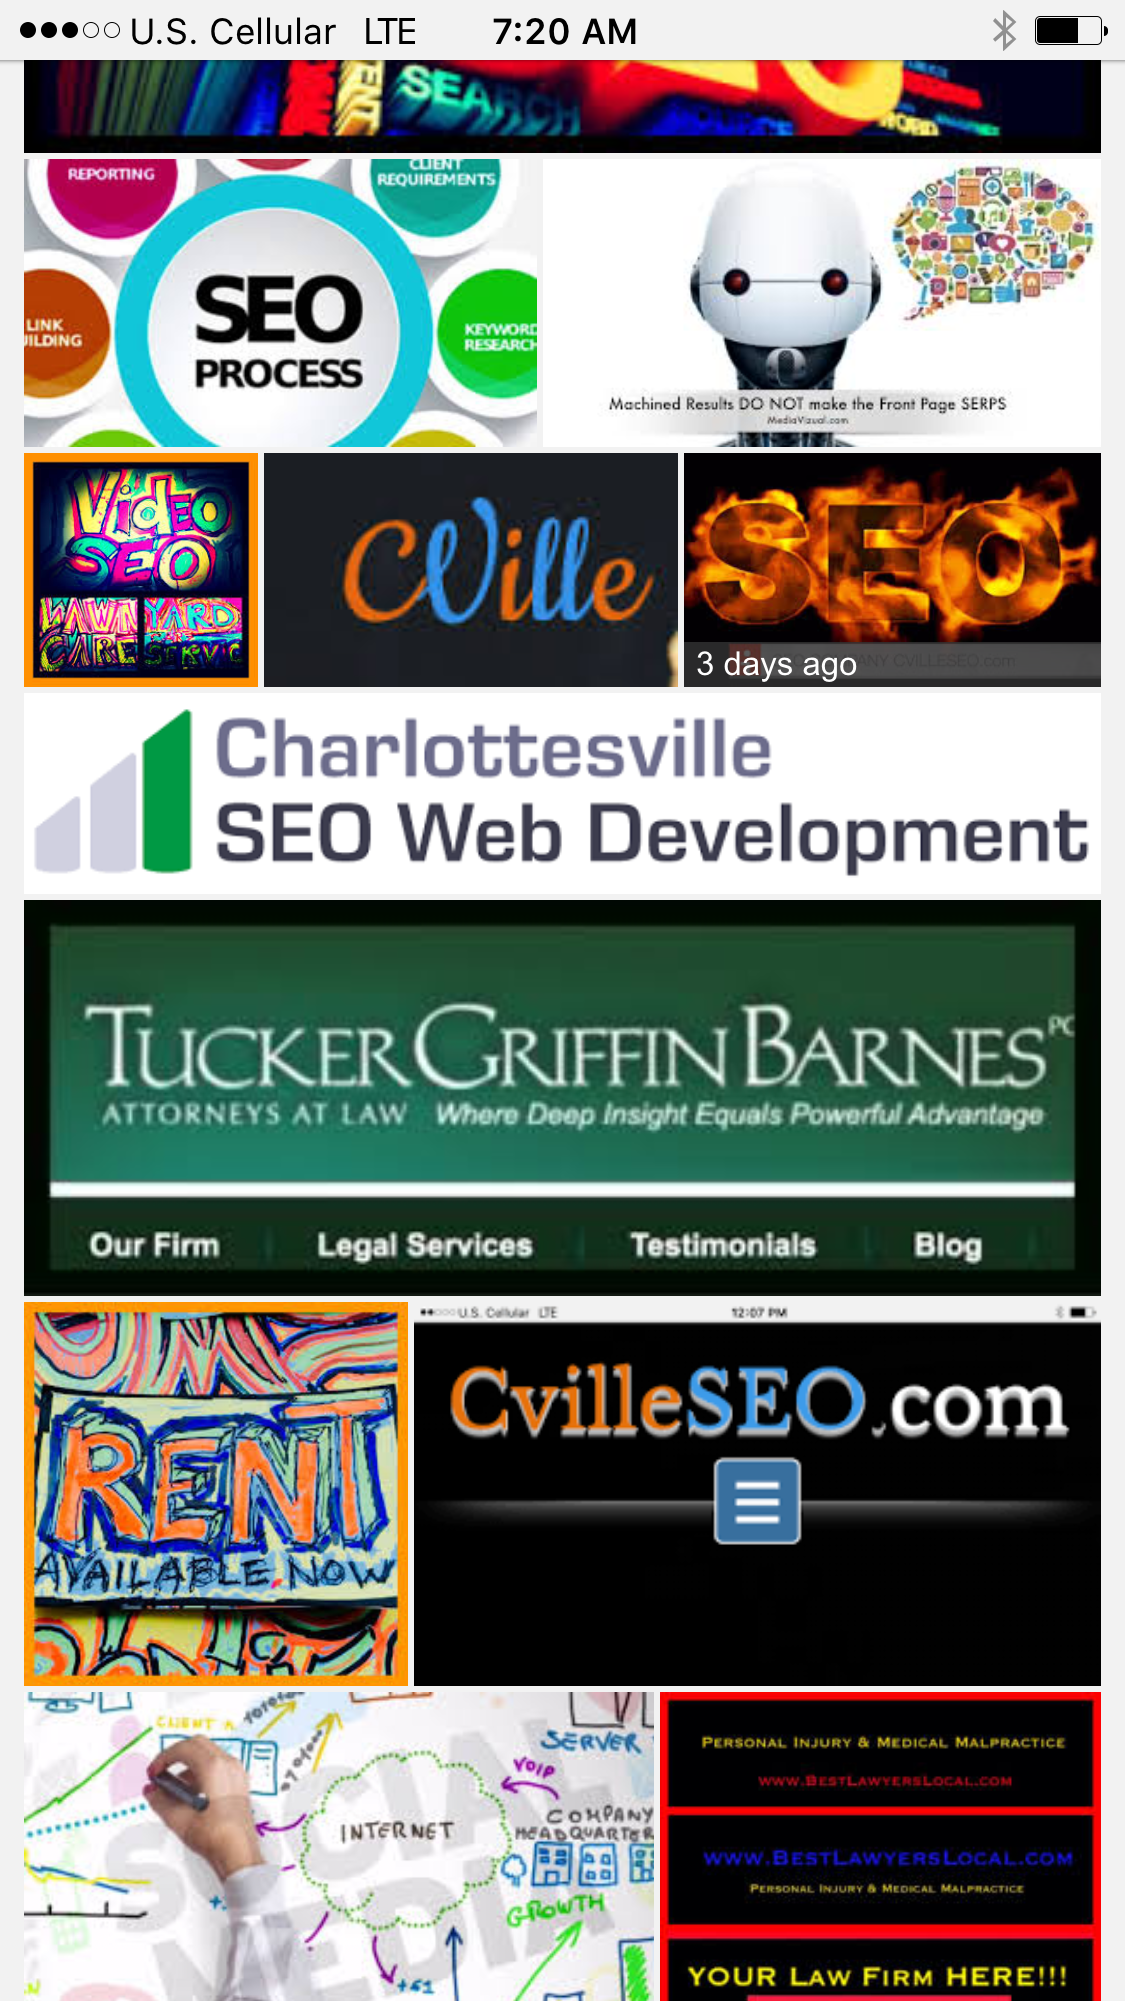 cvilleseo.com best seo company charlottesvile va,